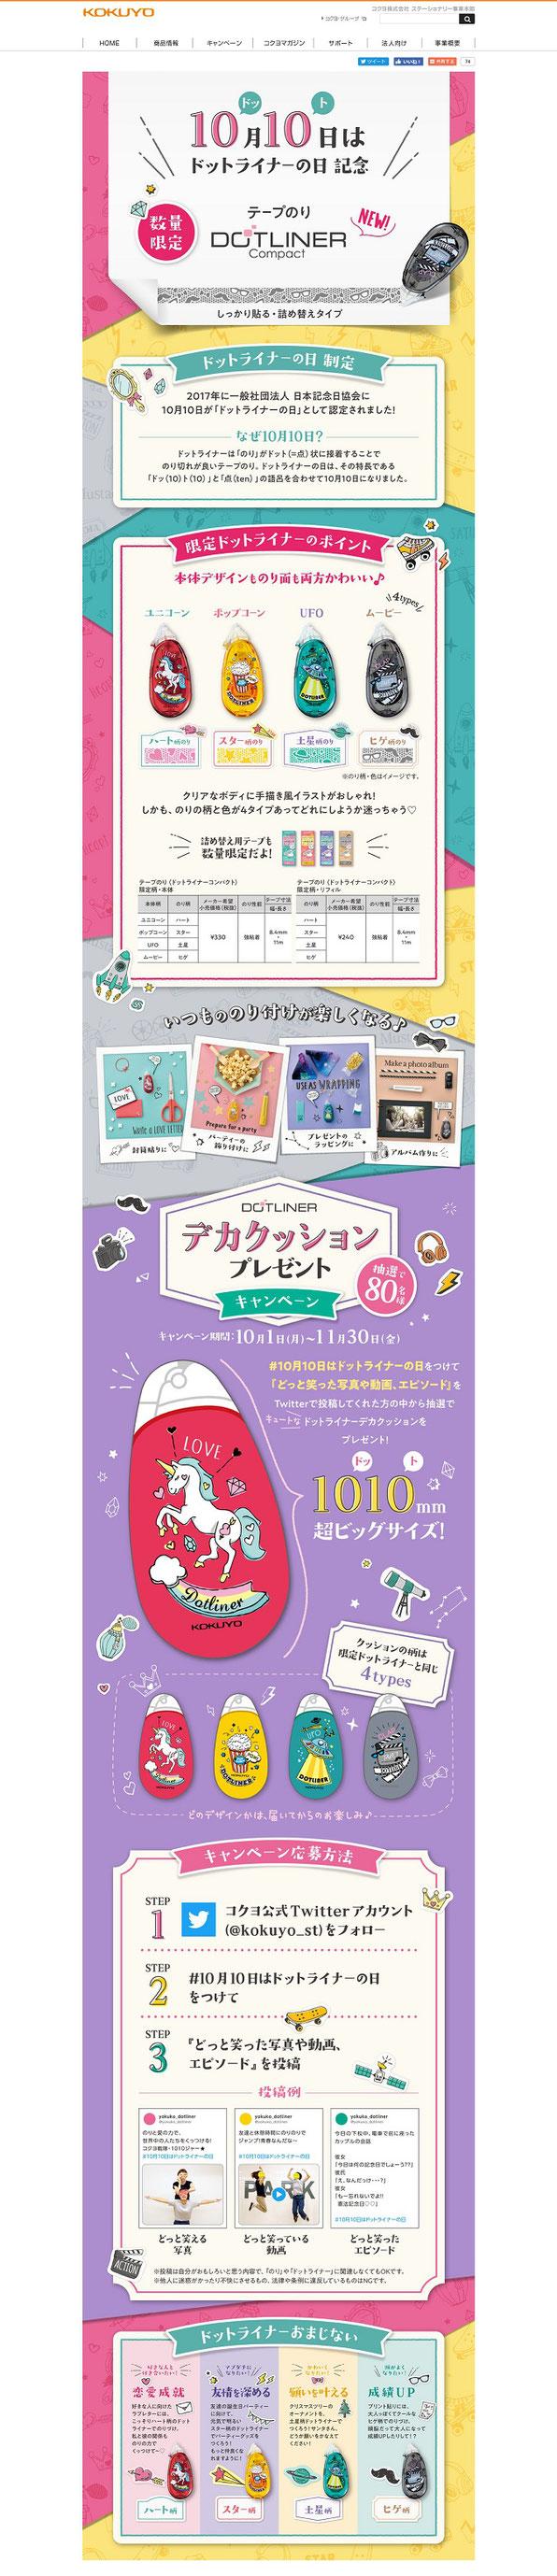 【コクヨ】ドットライナーデカクッションプレゼントキャンペーン